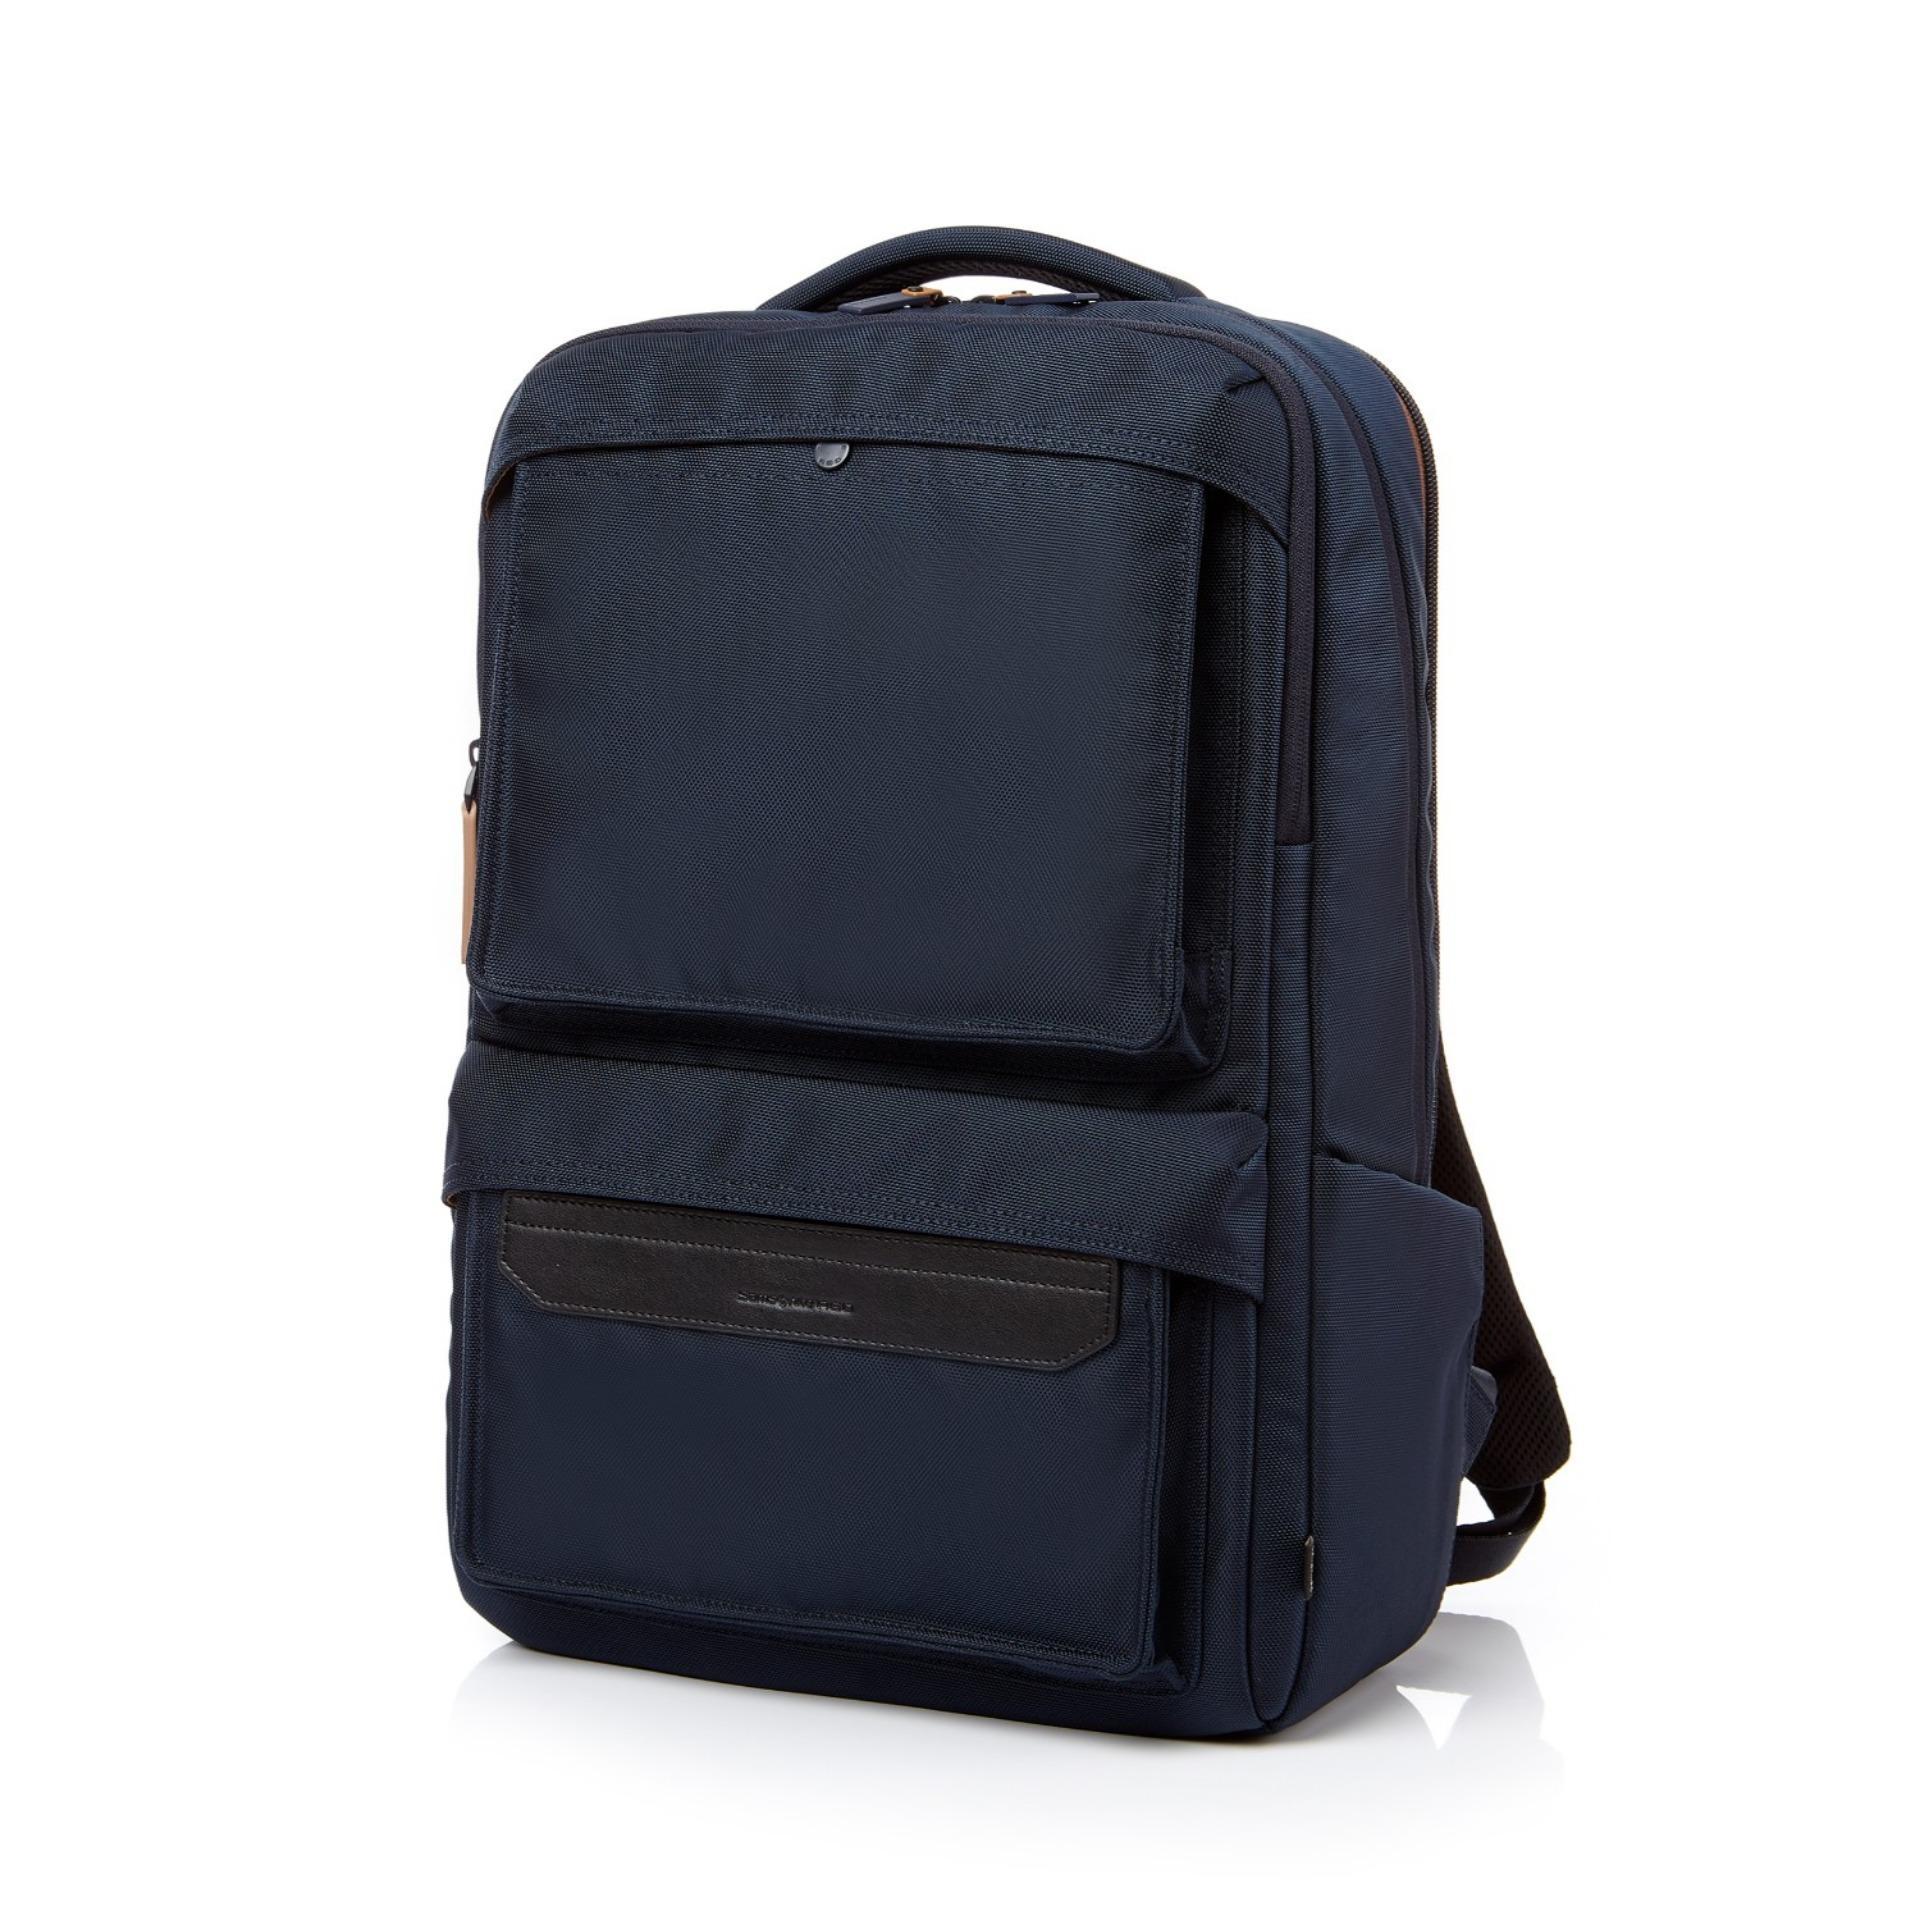 f236be55523 Unisex Backpacks for sale - Unisex Travel Backpacks online brands ...